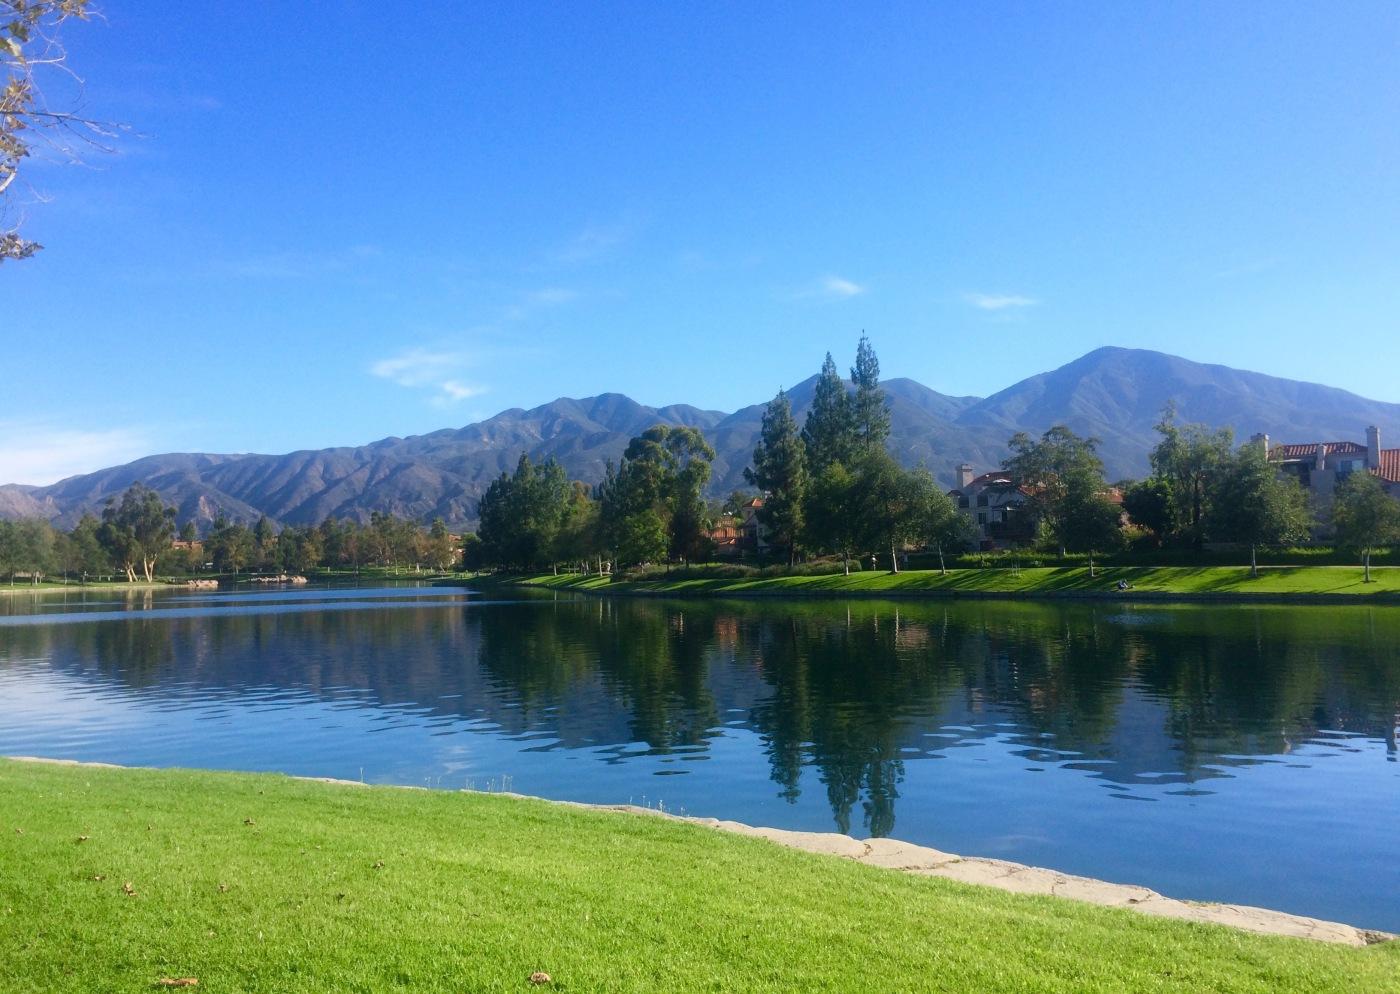 Day 217/4 Rancho Lake